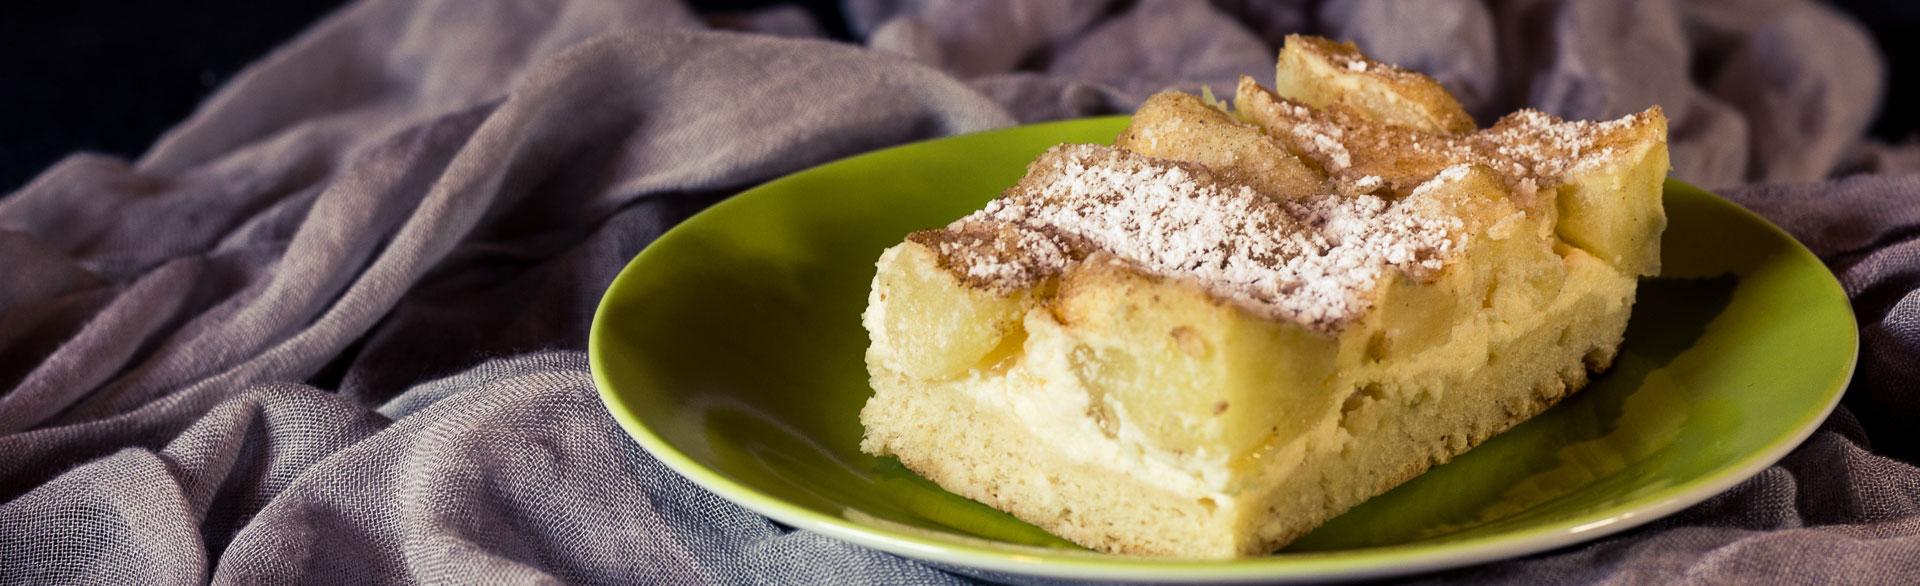 Bäckerei Jesse, Kuchen